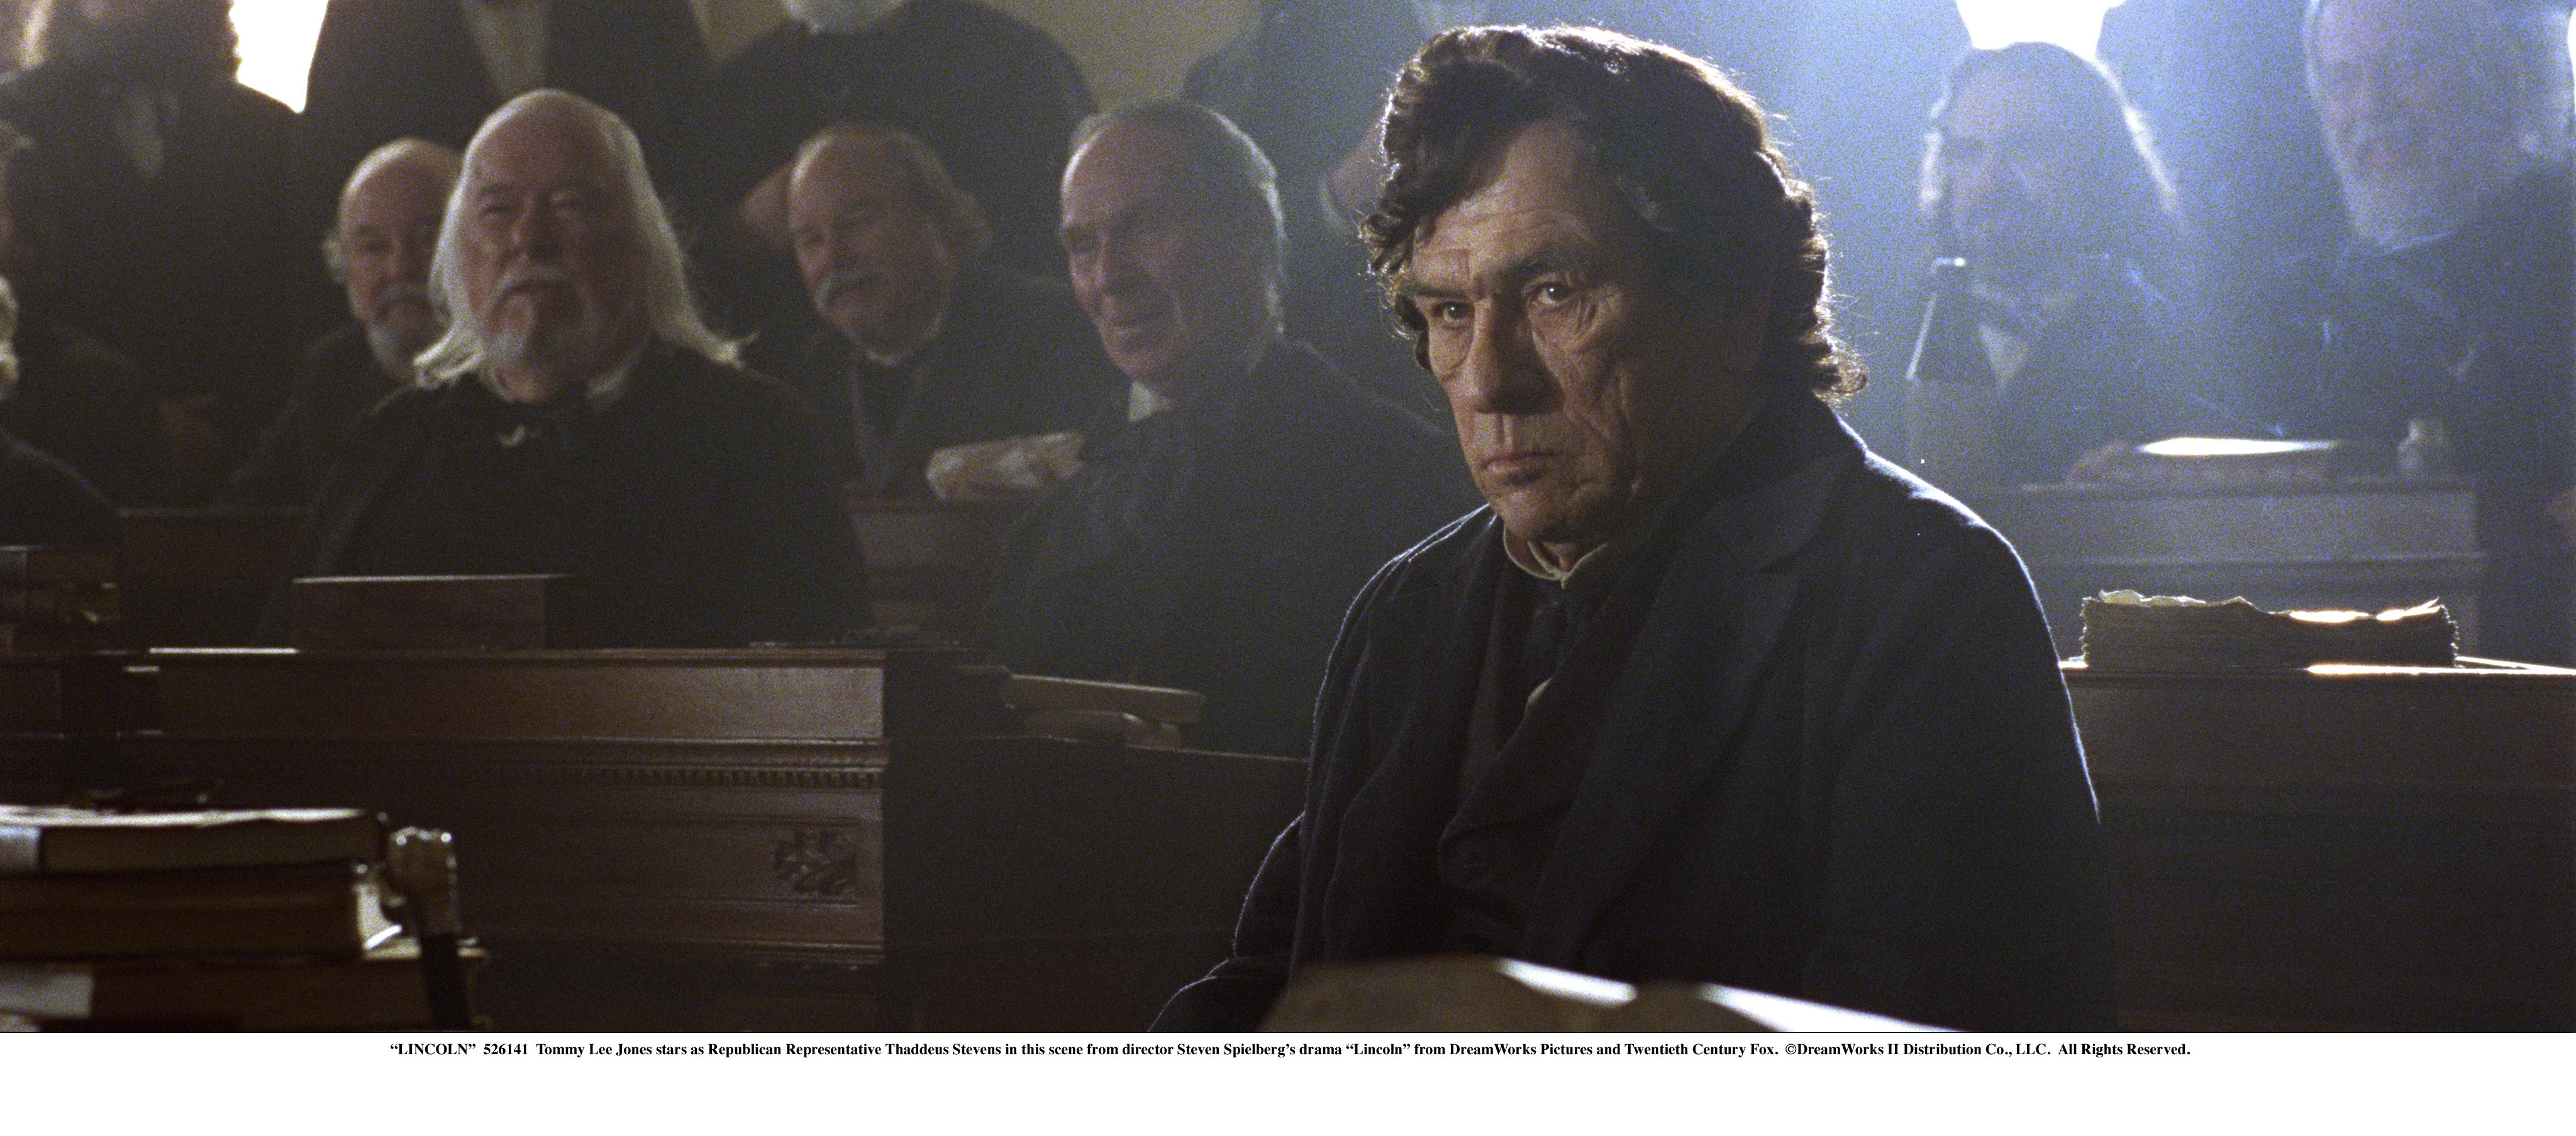 Filmska srečanja ob kavi: pogovor po projekciji filma Lincoln